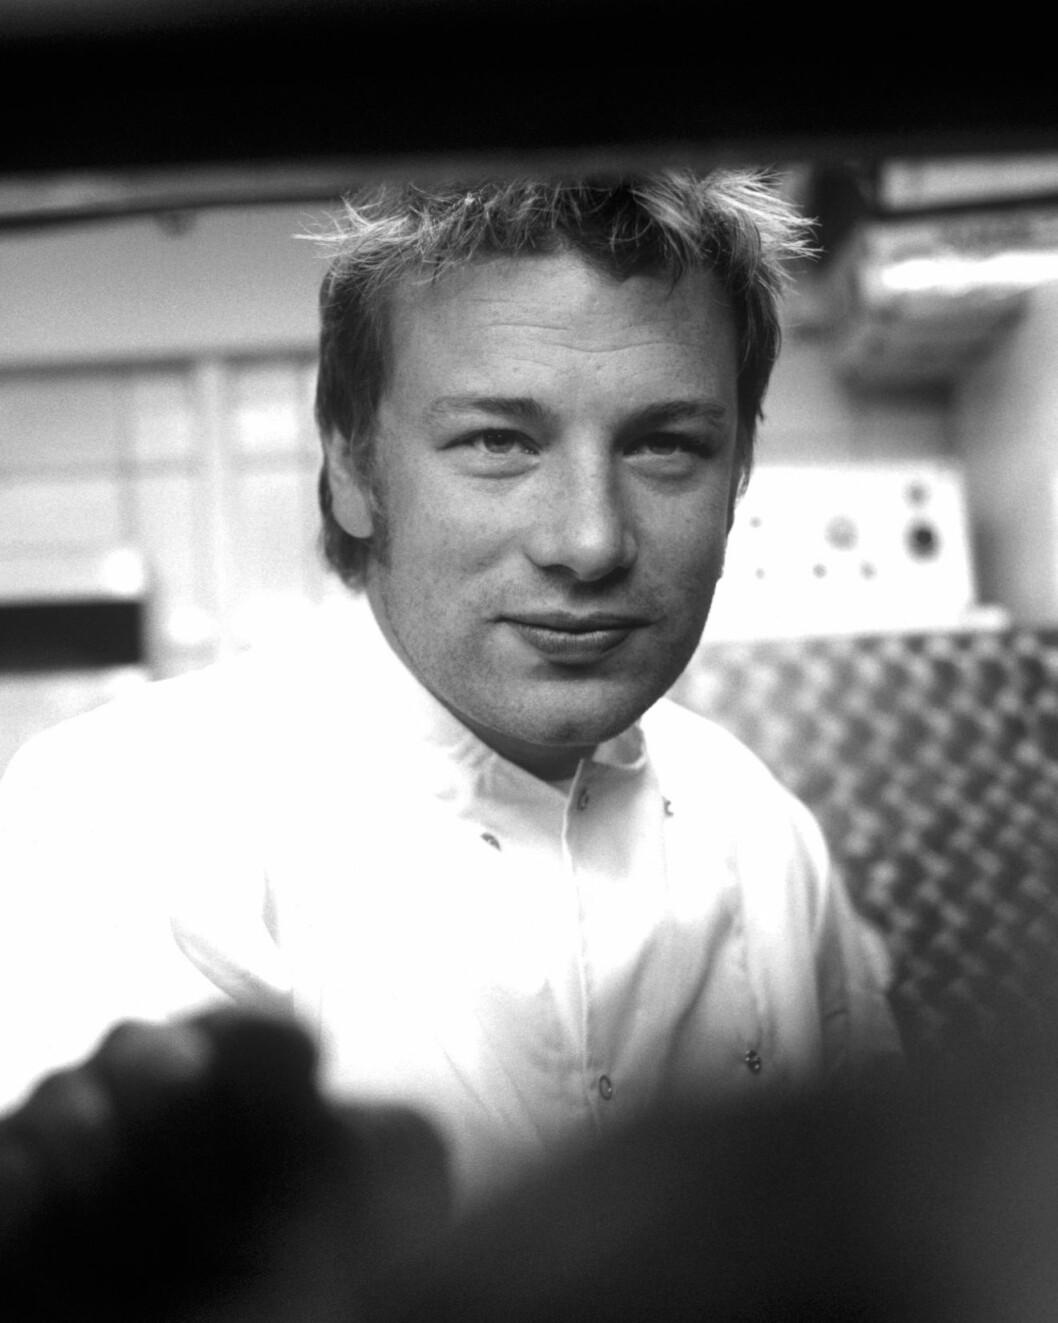 Ifølge kjendiskokk Jamie Oliver bør kvinner nekte mannen sex dersom han ikke vil hjelpe til på kjøkkenet.